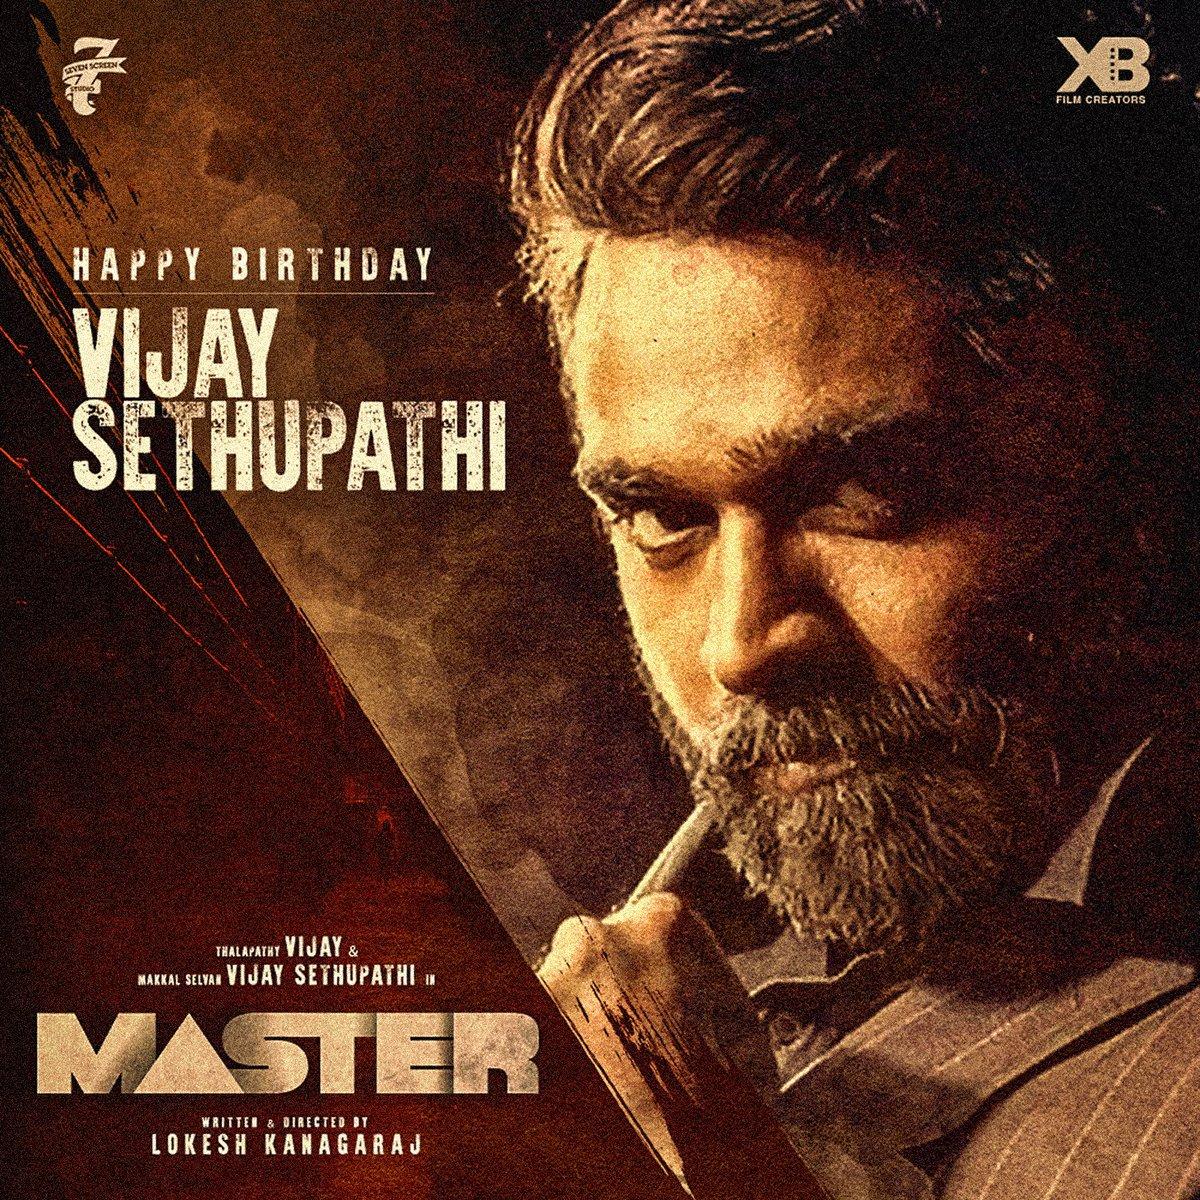 Happy birthday to our dearest Makkal Selvan, @VijaySethuOffl ! 🔥  #HappyBirthdayVijaySethupathi #Master